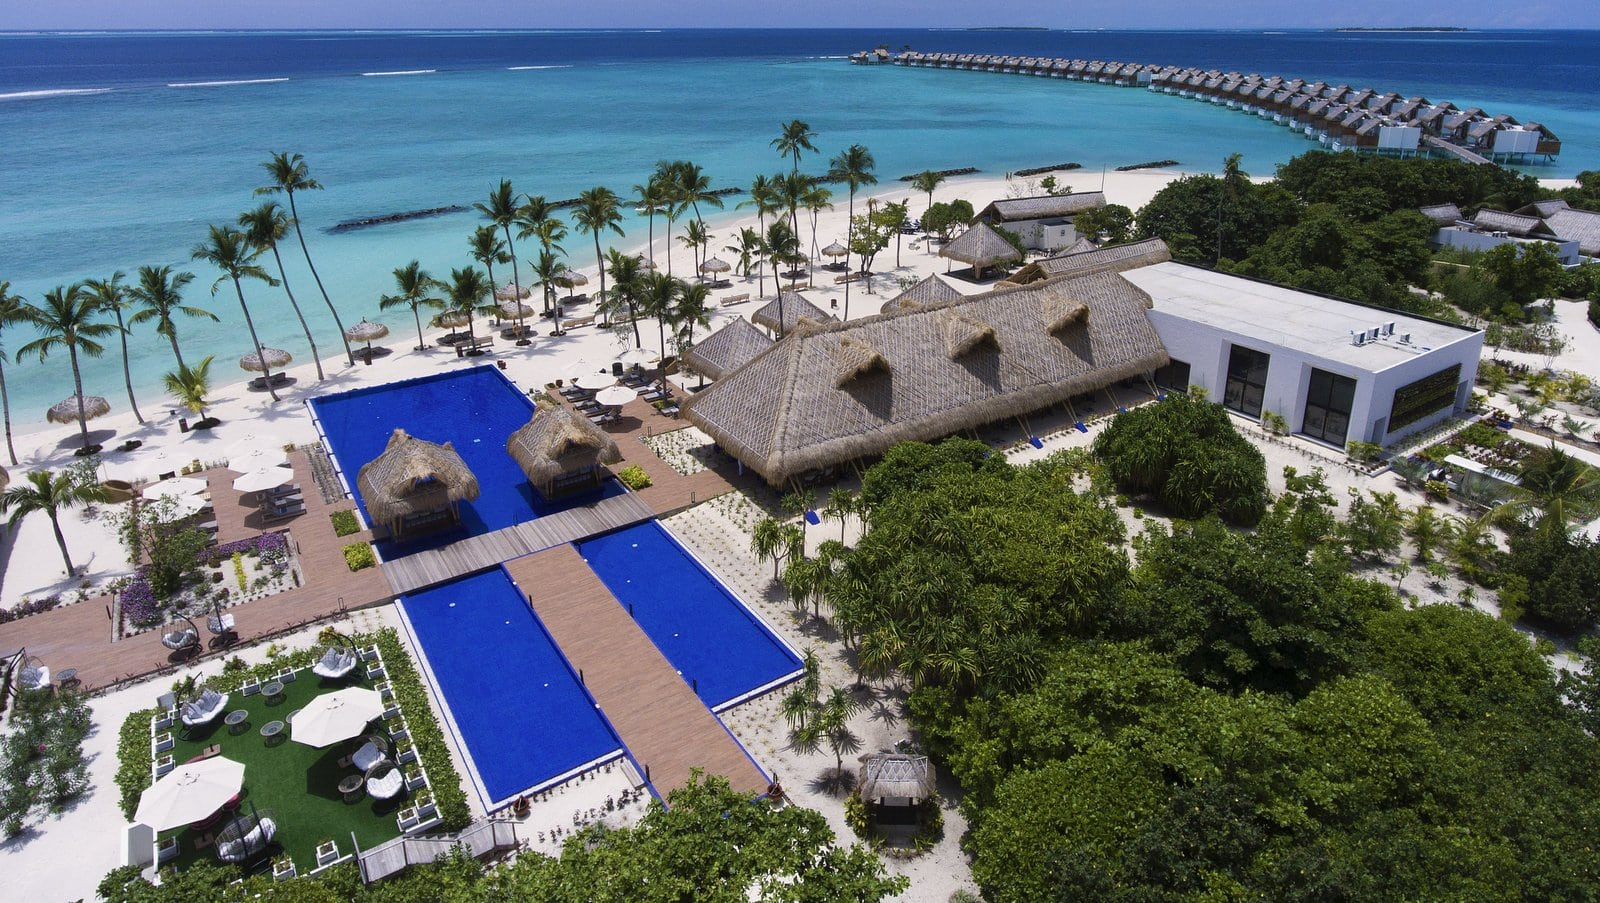 Мальдивы, отель Emerald Maldives Resort & Spa, бассейн